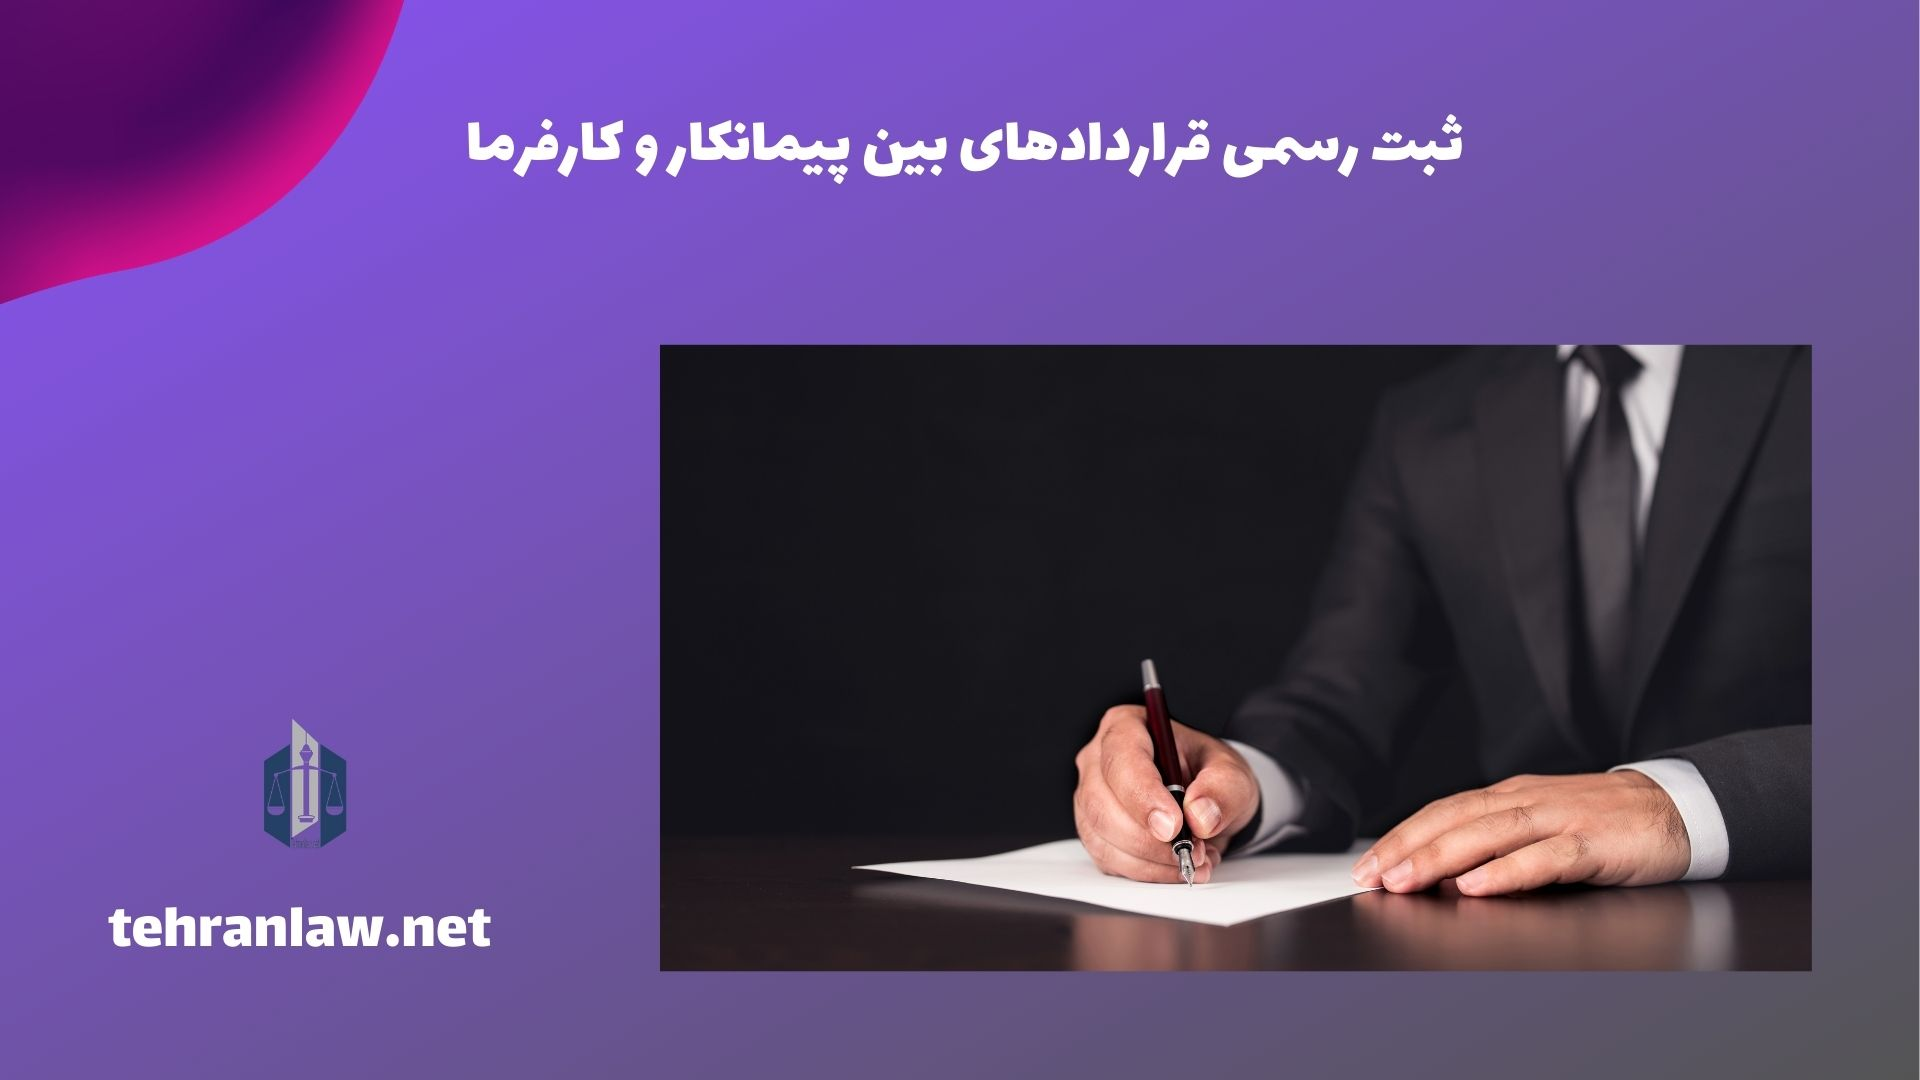 ثبت رسمی قراردادهای بین پیمانکار و کارفرما